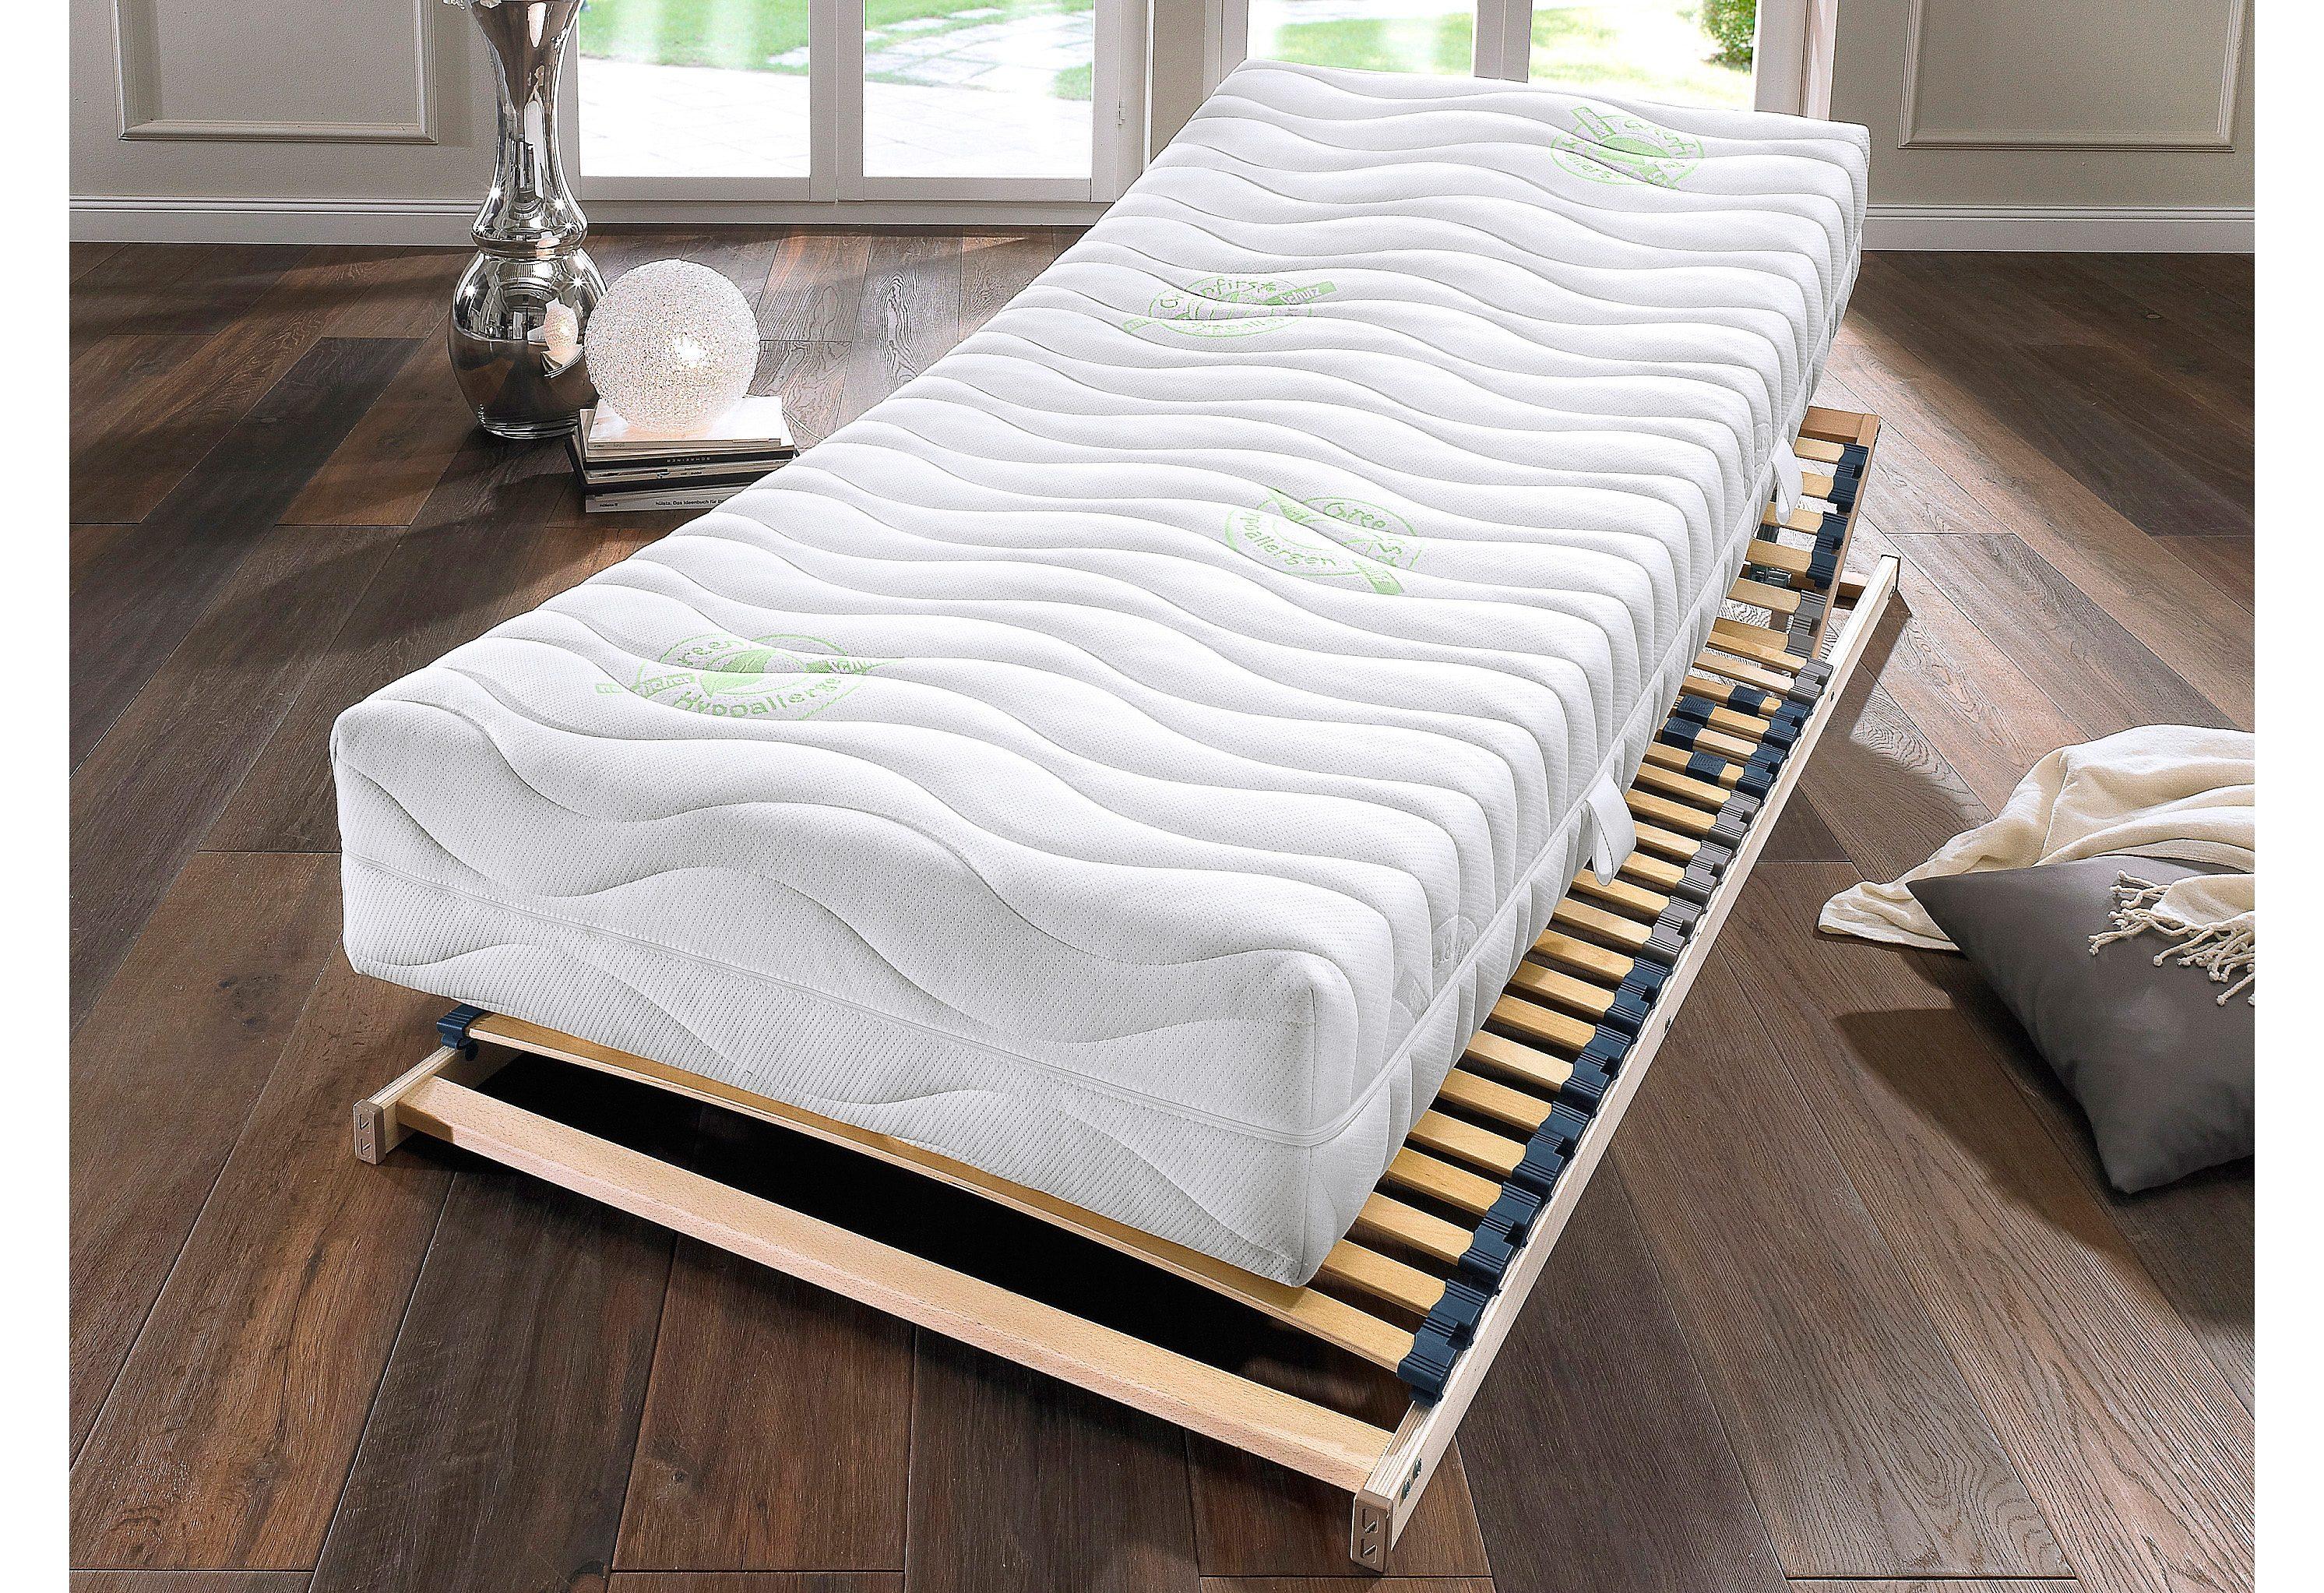 Taschenfederkernmatratze Green TA Hn8 Schlafsysteme 20 cm hoch